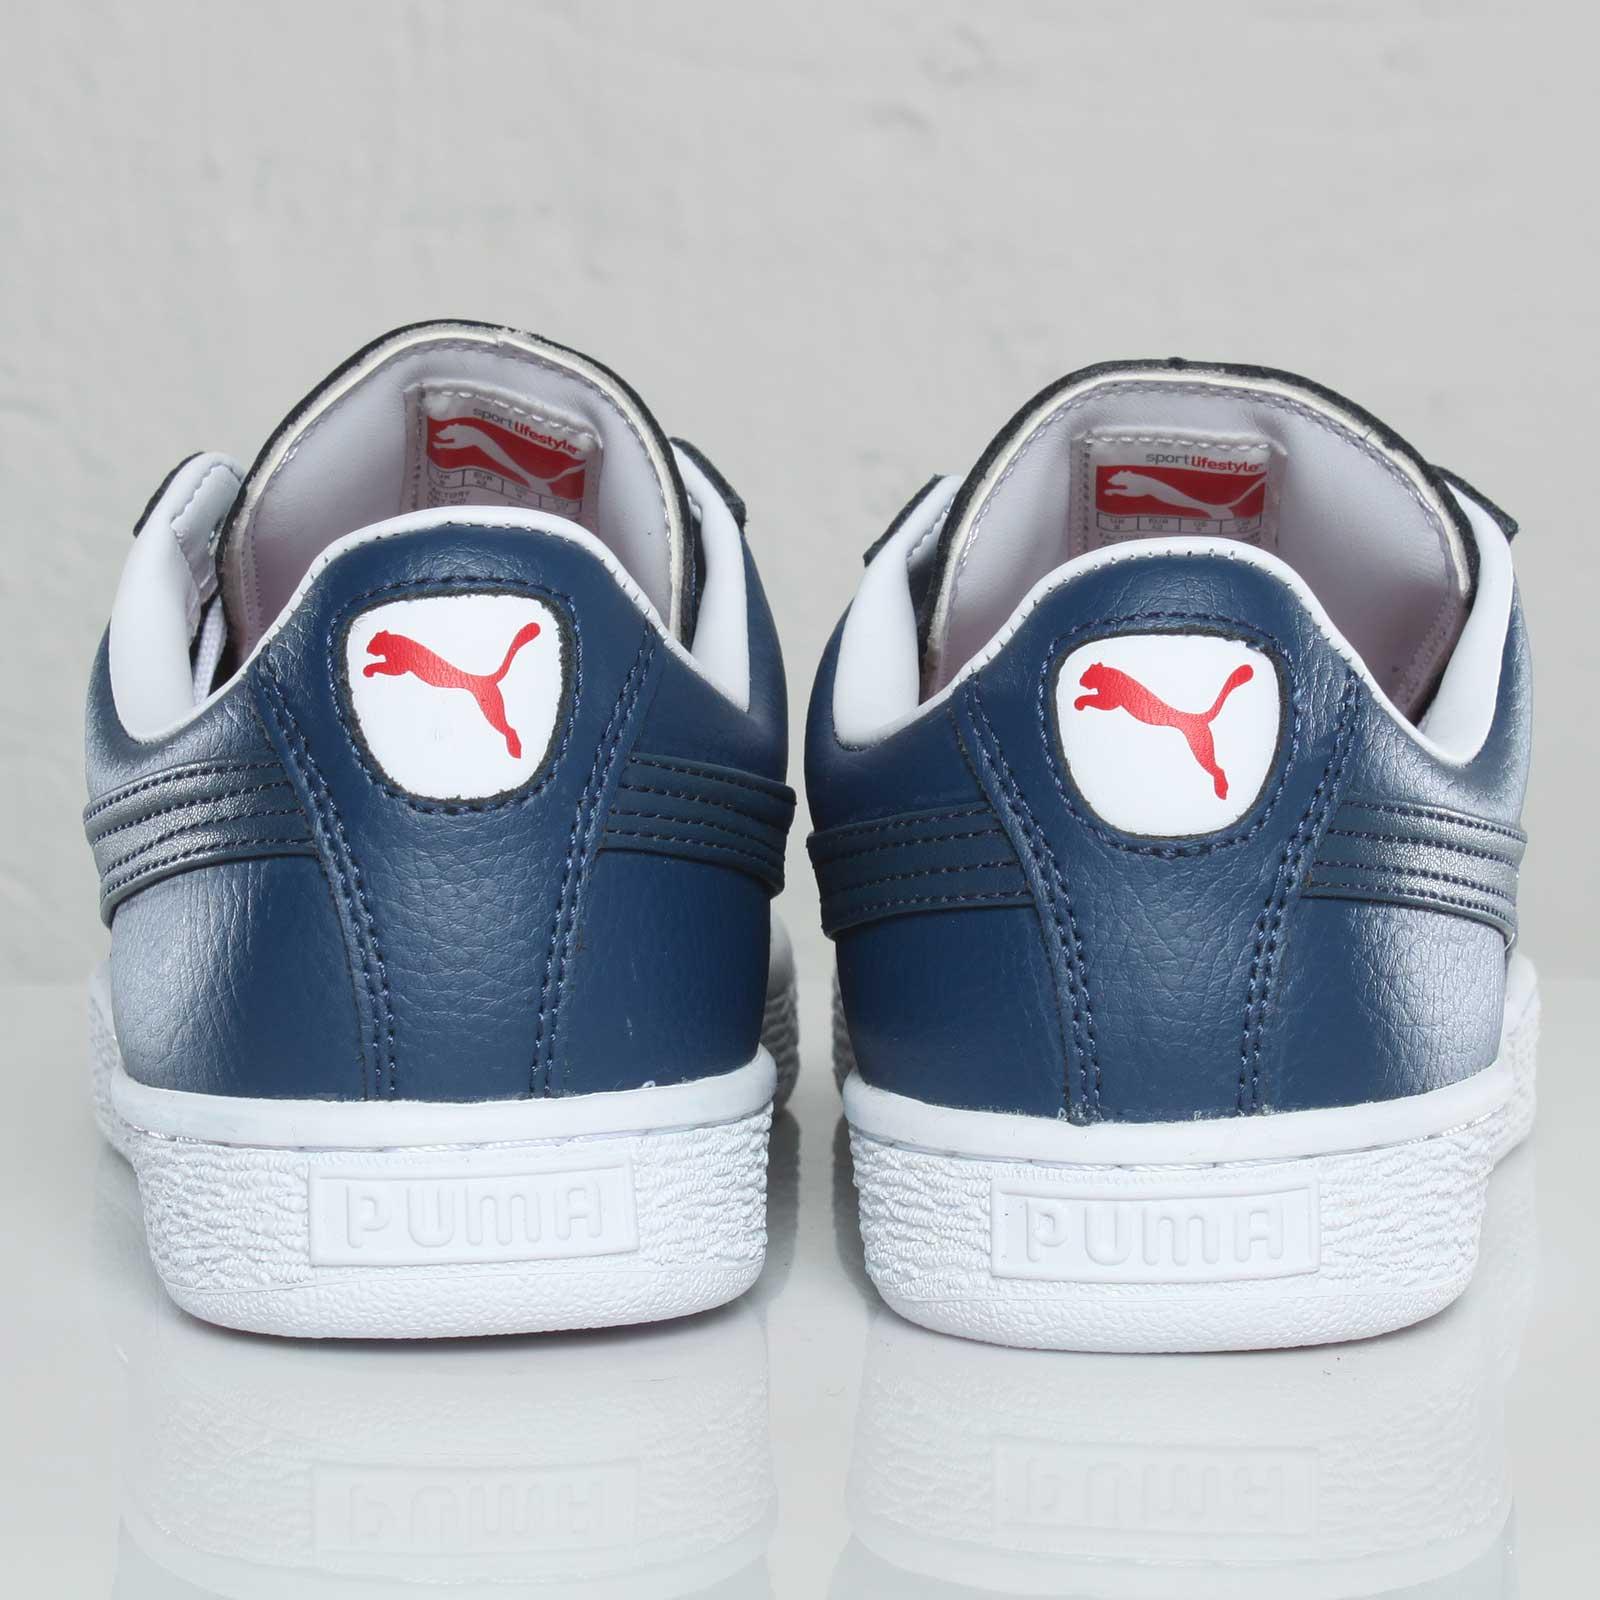 outlet store b9817 779ea Puma Basket Classic City - 109002 - Sneakersnstuff   sneakers   streetwear  online since 1999